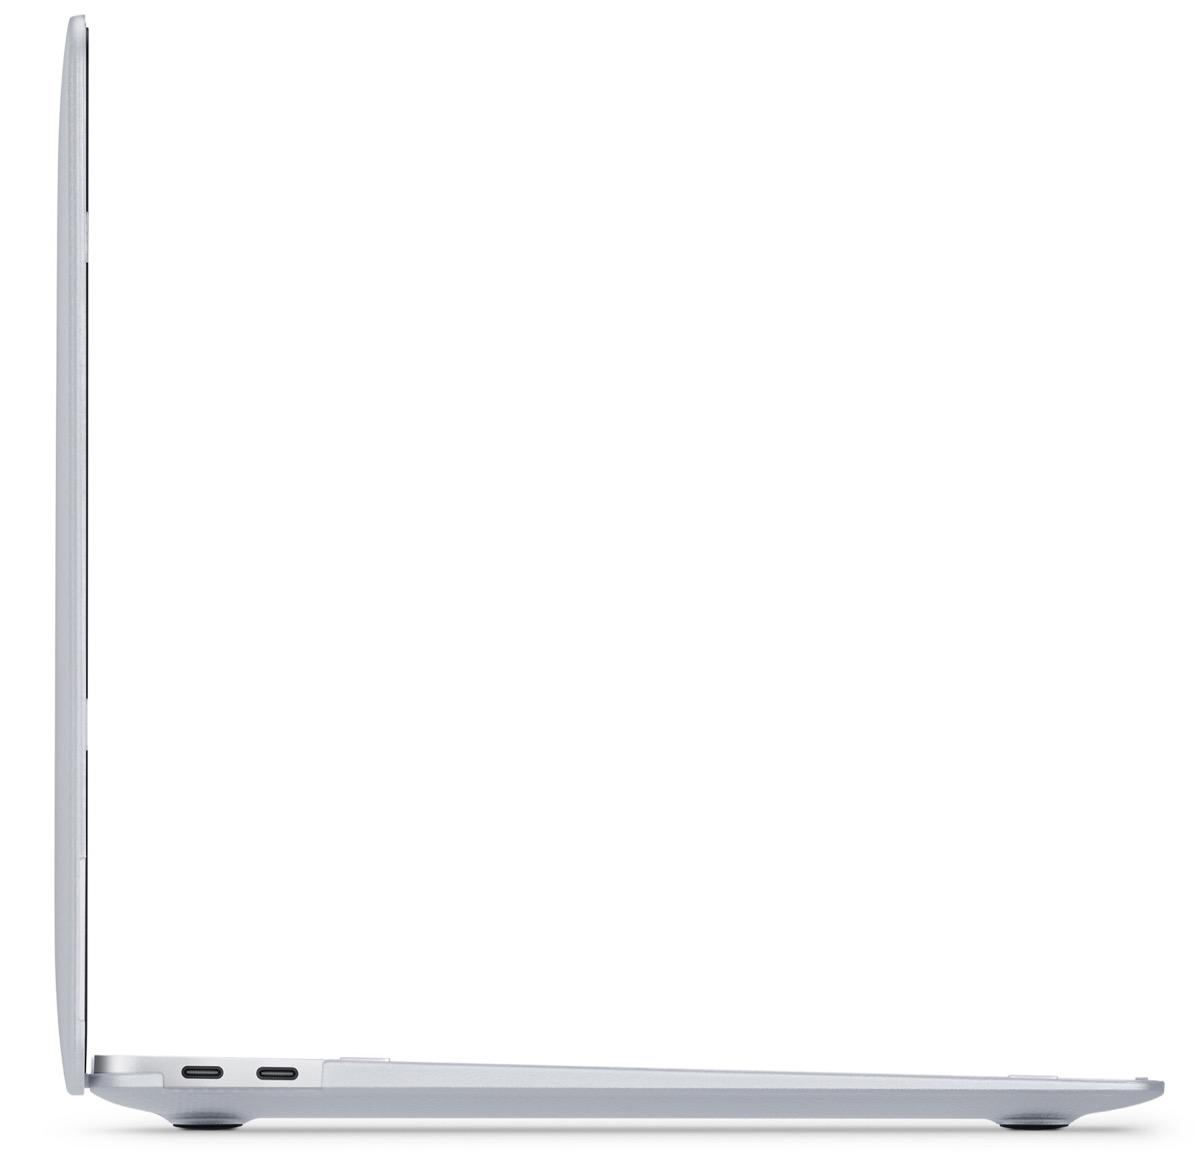 Proteggete il MacBook Air 13″ 2020 con la custodia Hardshell Dots di Incase